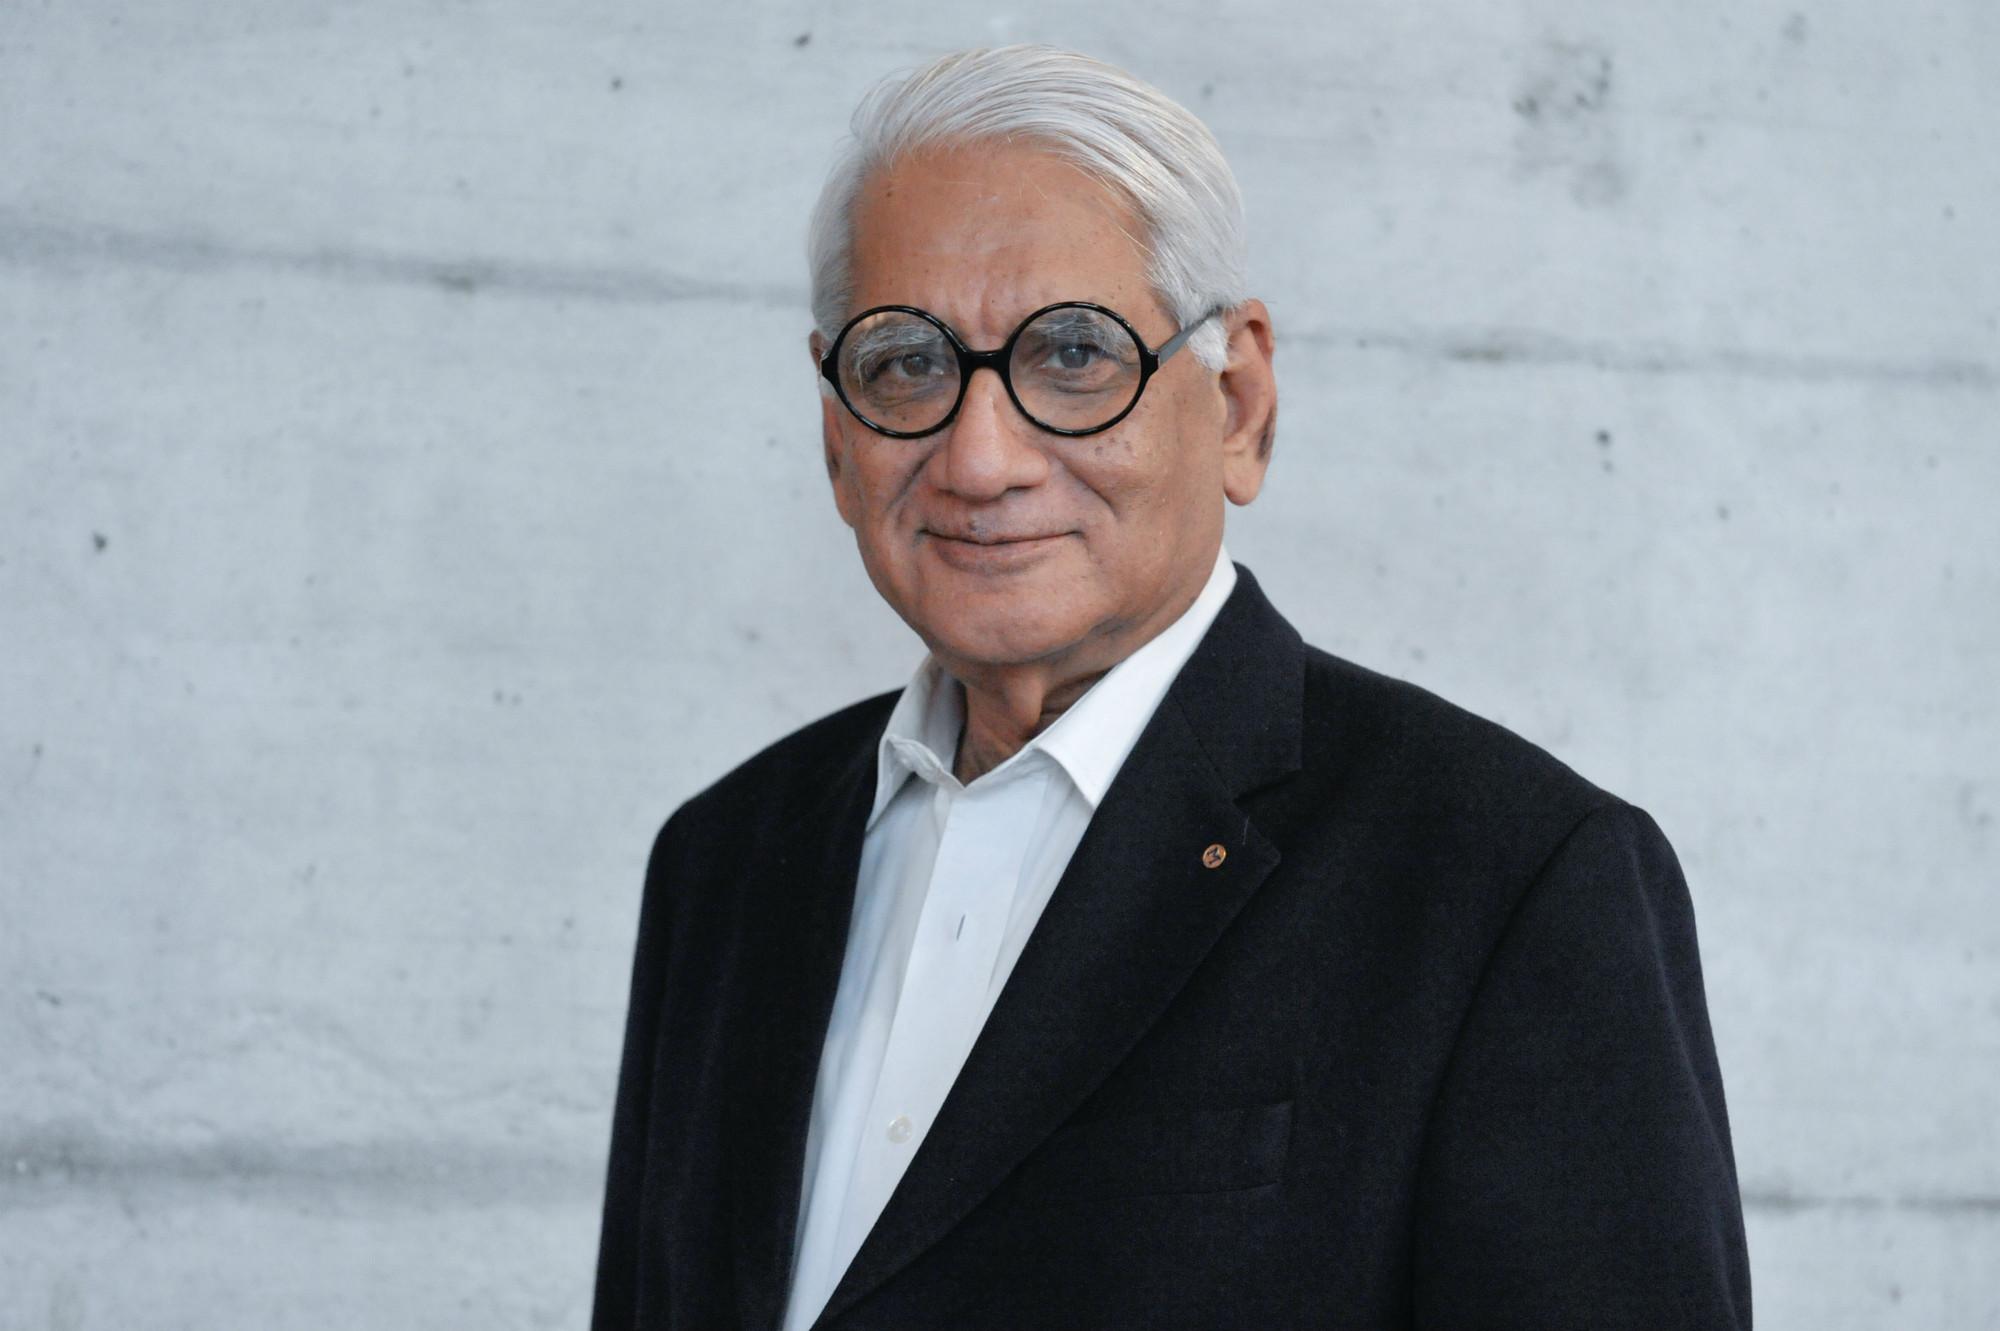 Uno de los más grandes arquitectos indios, Charles Correa, muere a los 84 años, Charles Correa. Image